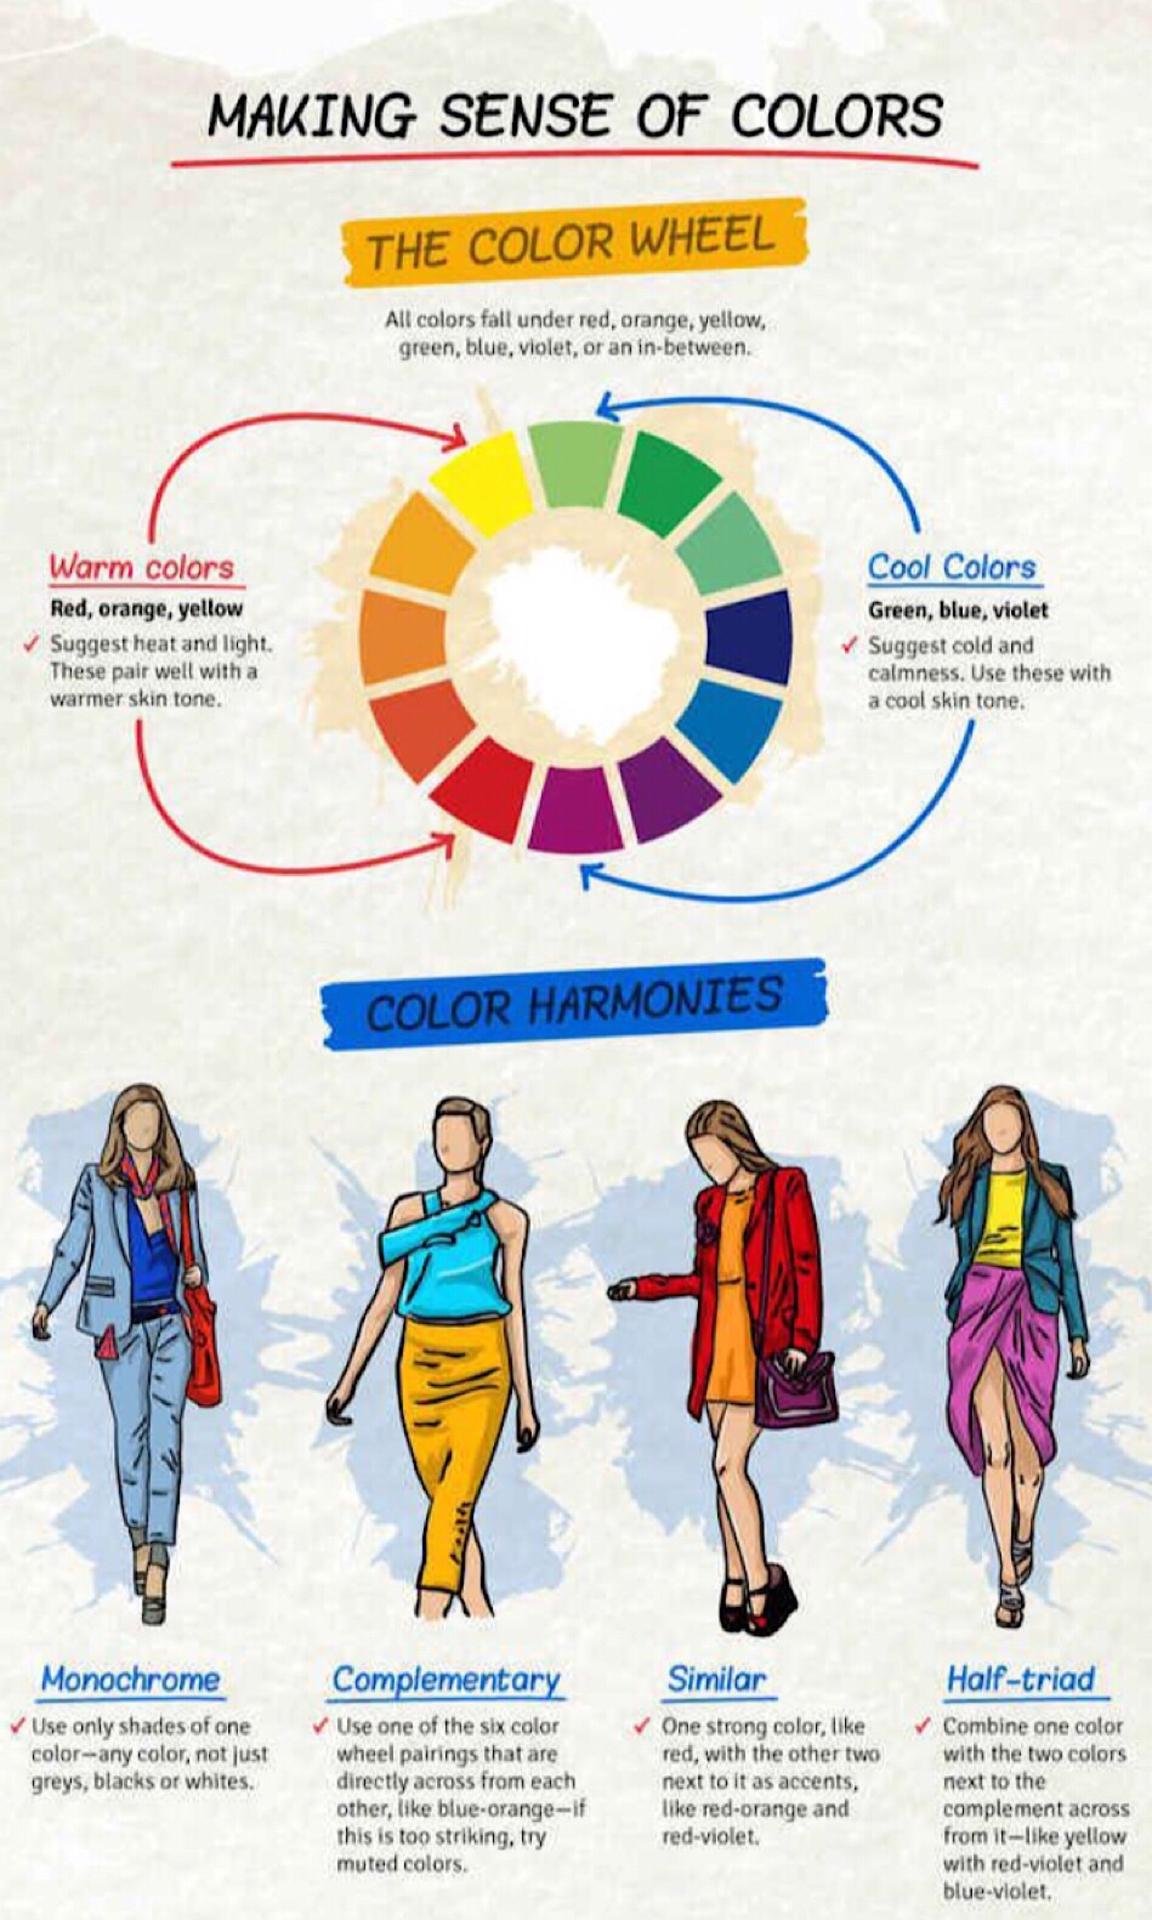 THE GLAM NUT - Fashion & Lifestyle Blog - 4AF44CEA-4262-4815-AFE3-9EA694617DAD